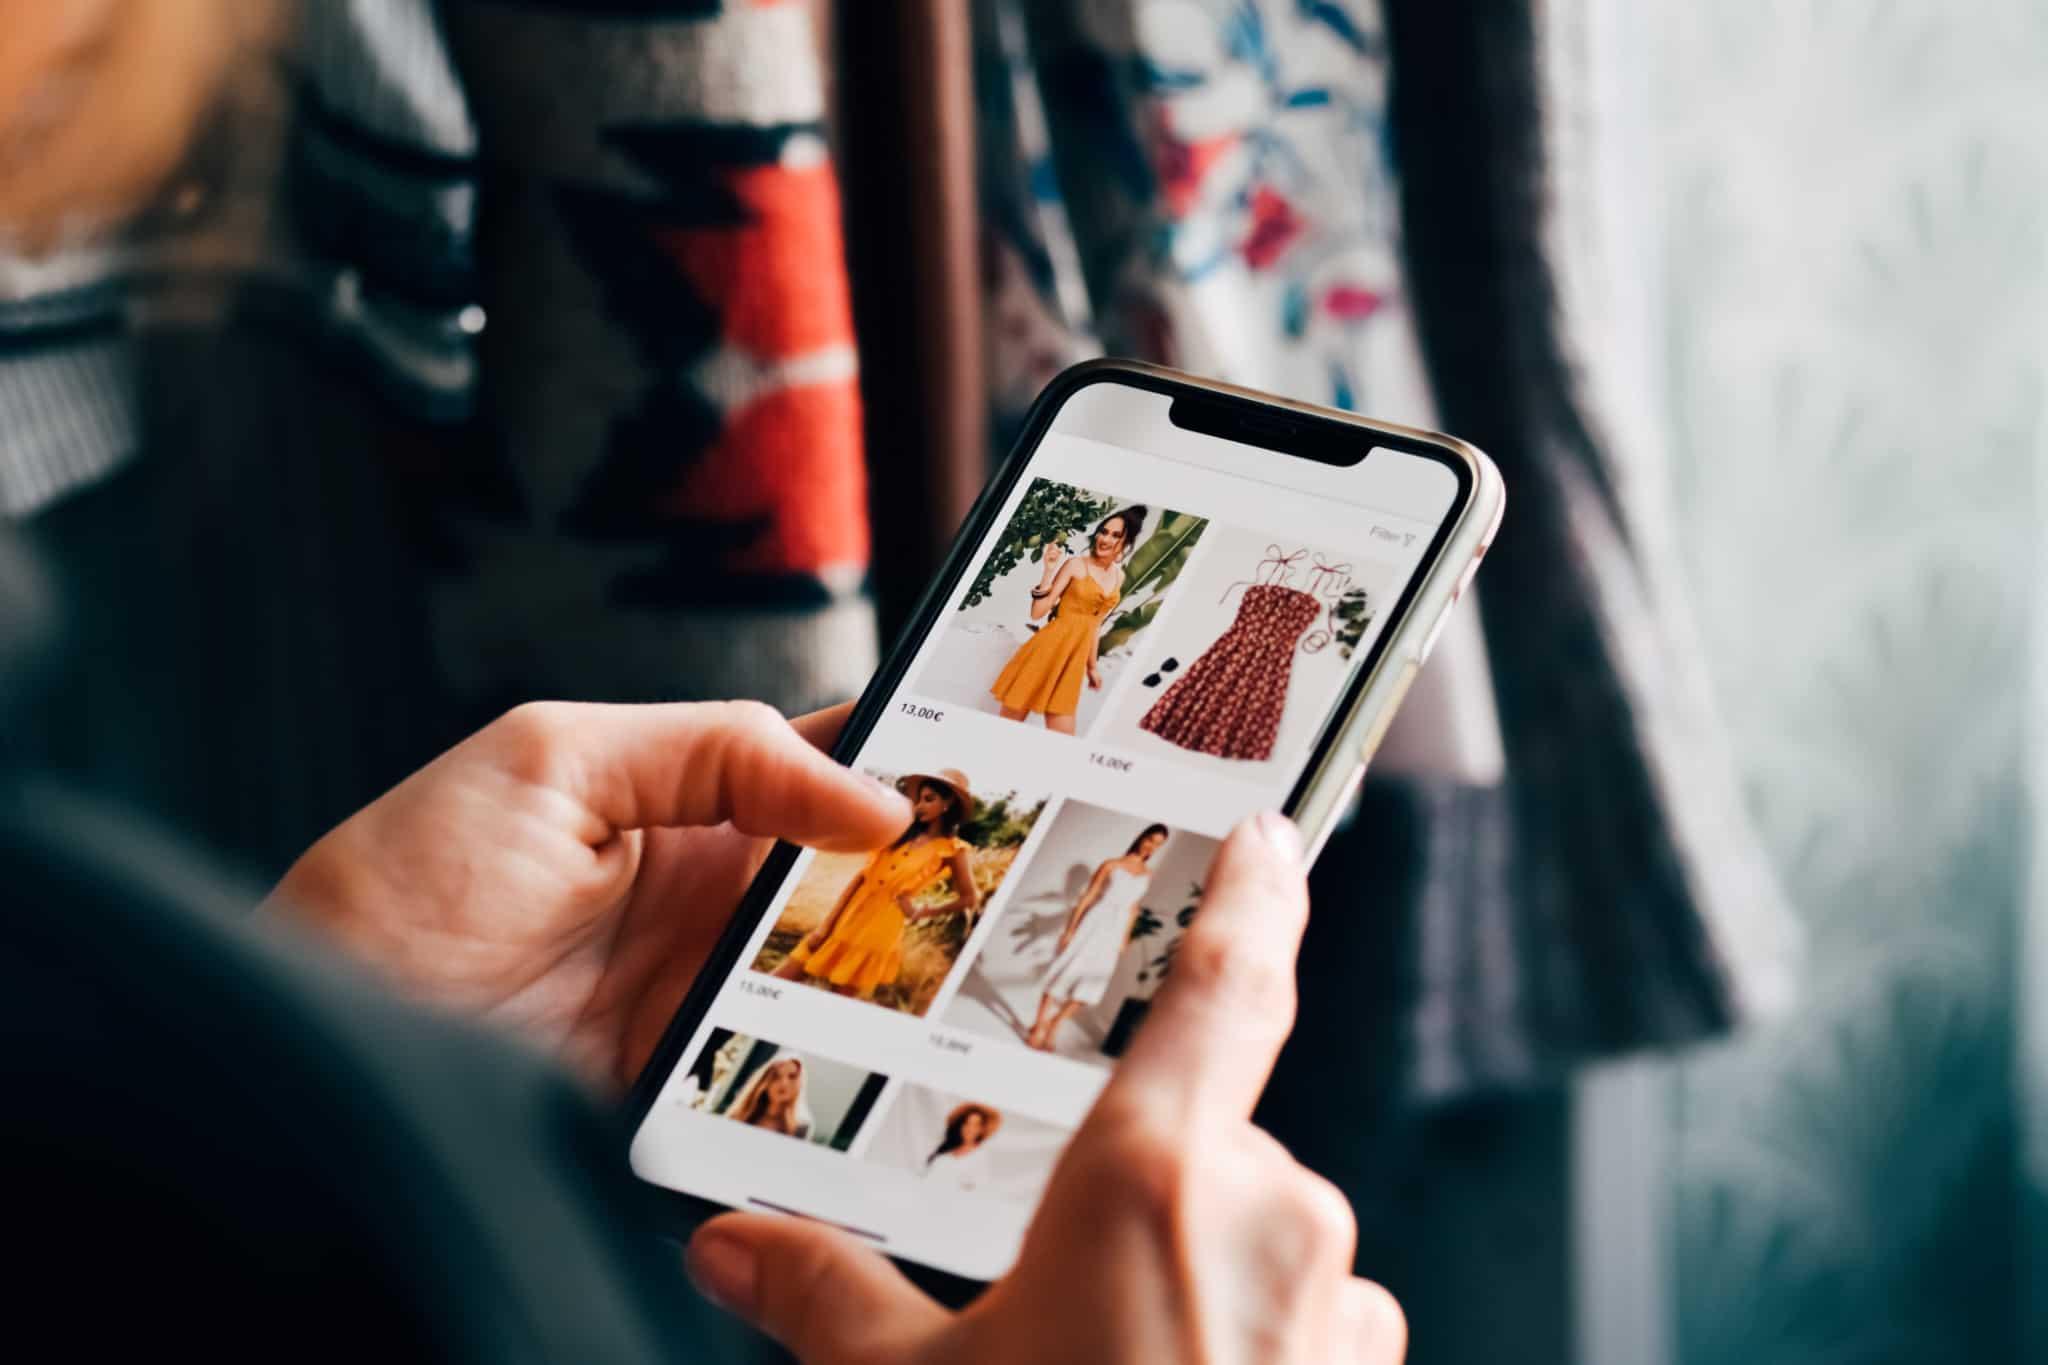 pessoa a mexer no telemóvel a ver vestidos online